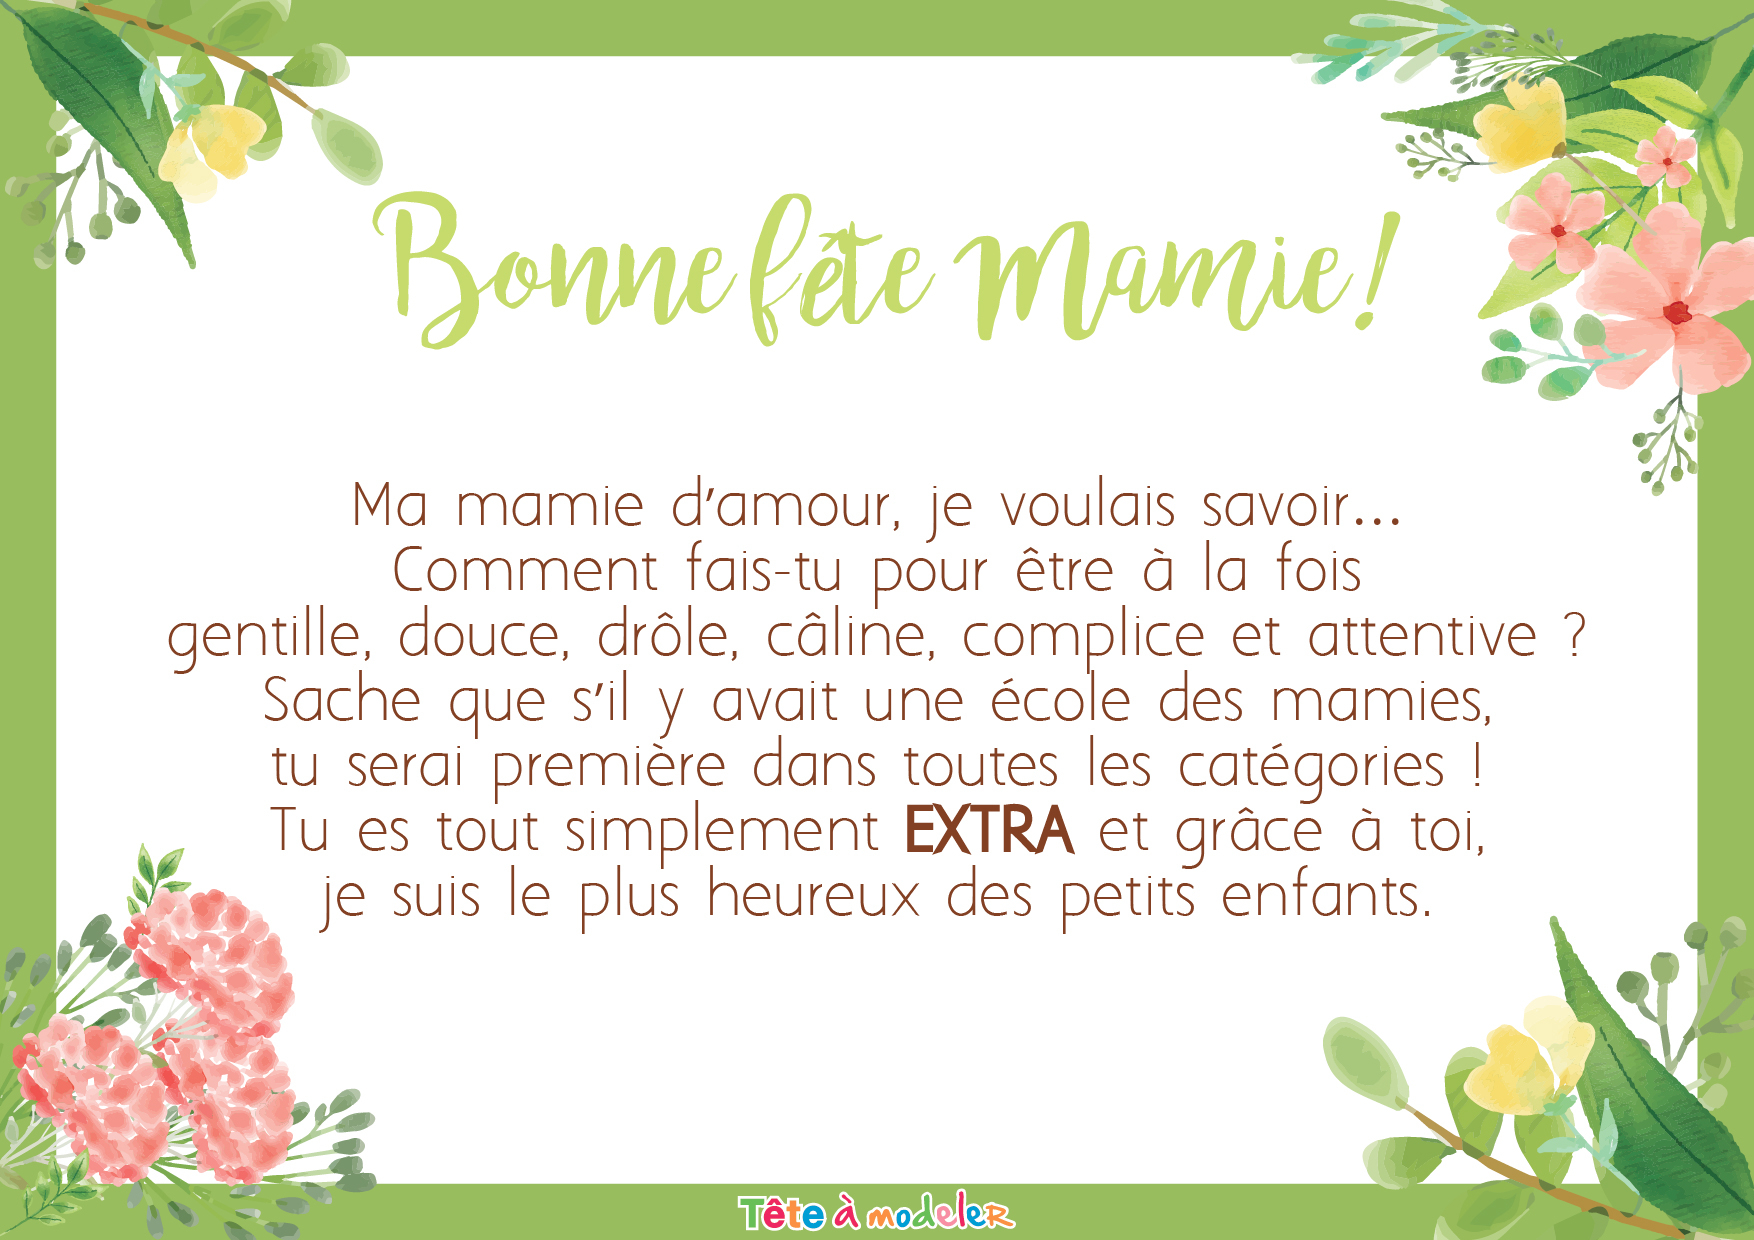 Poeme Une Mamie C'Est concernant Poeme D Enfant